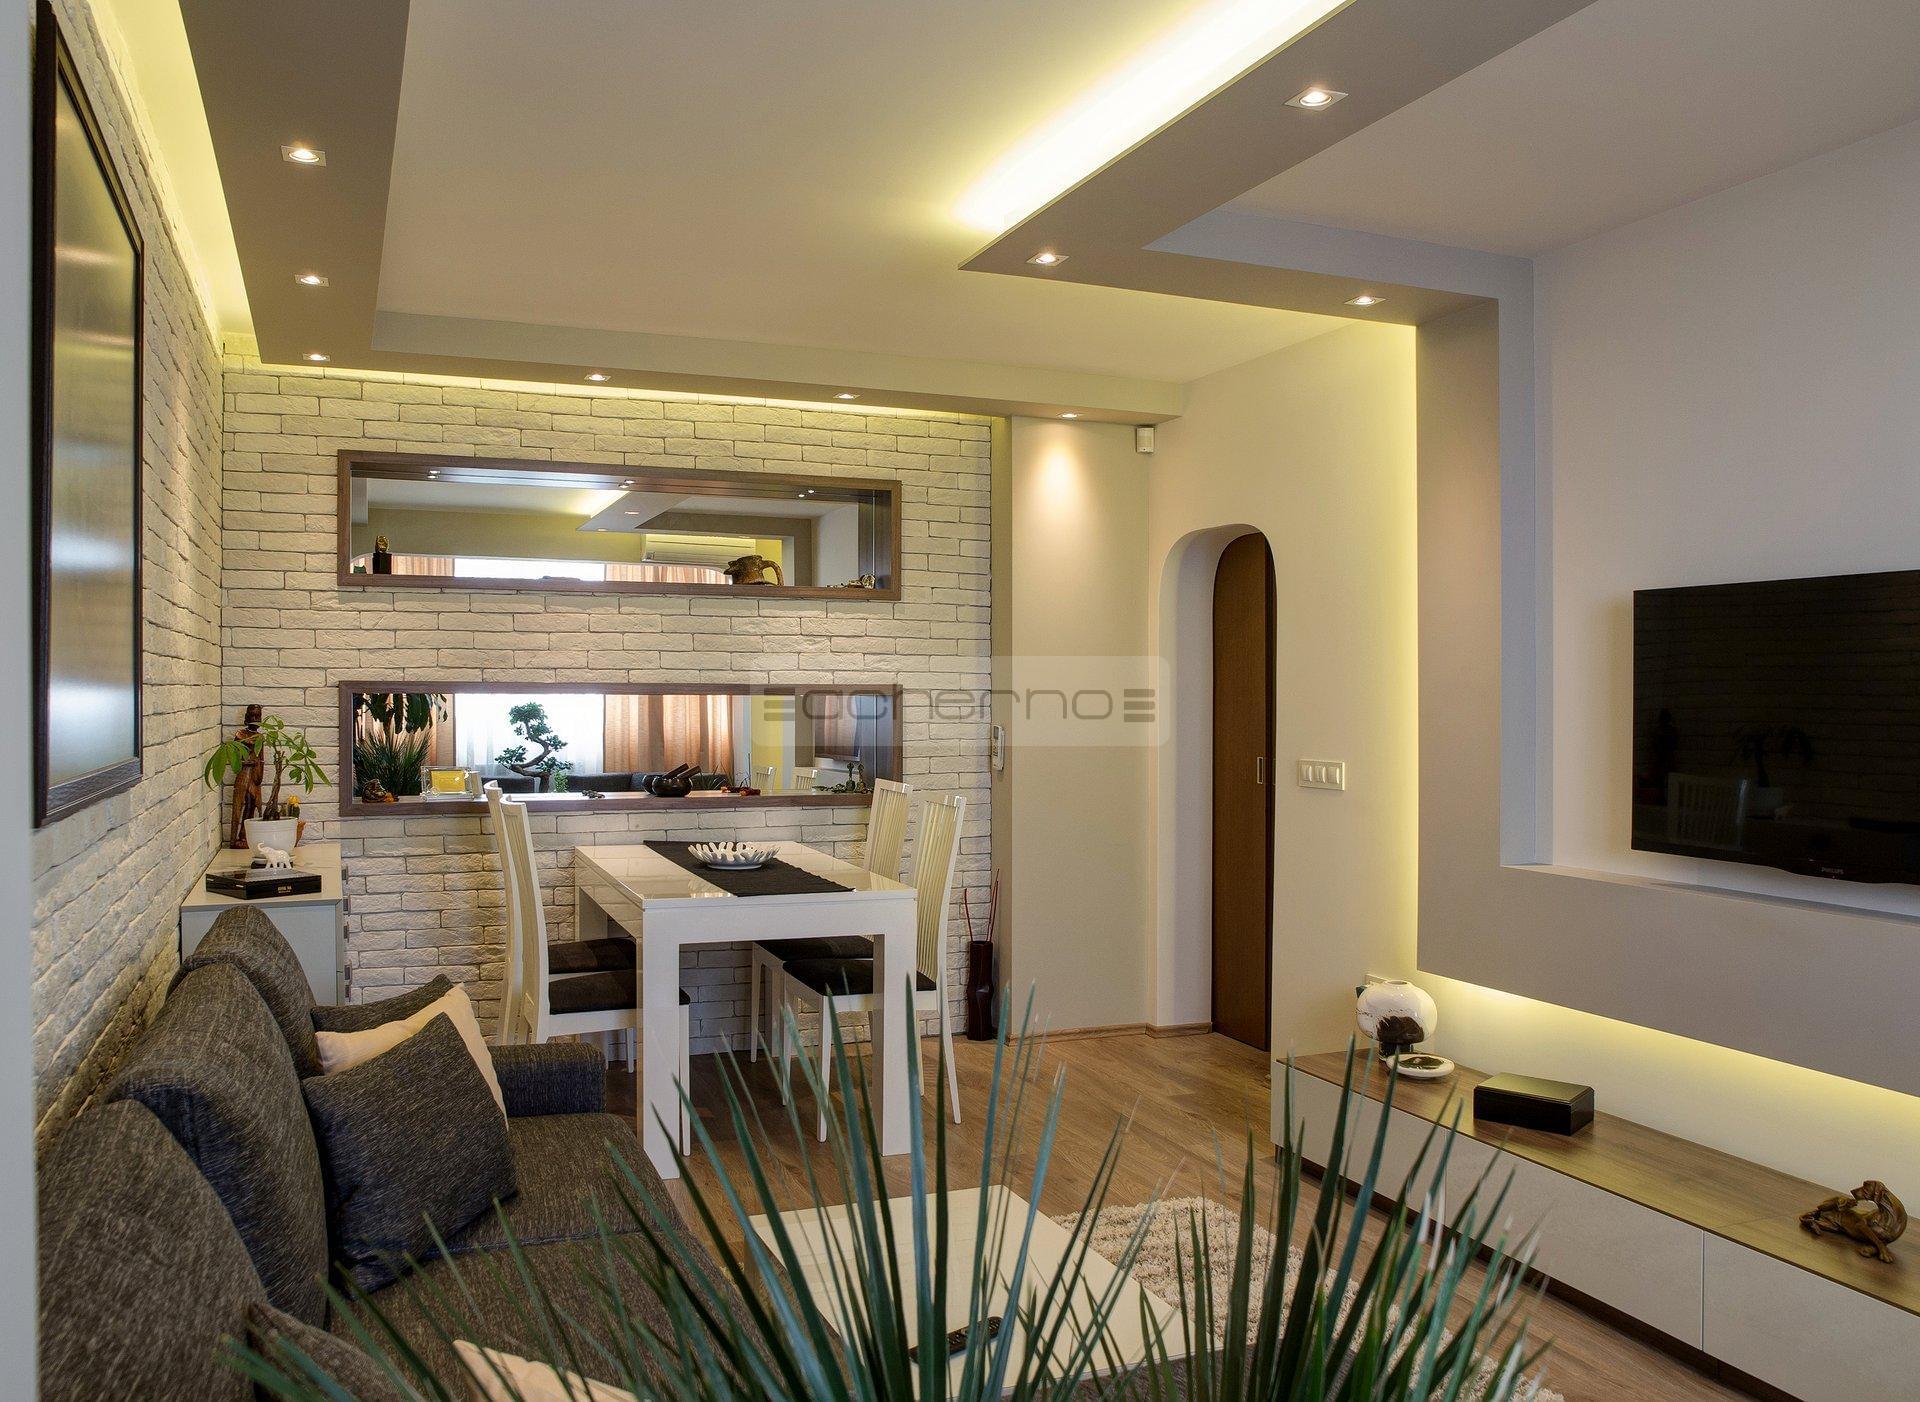 Acherno raumgestaltung mantra for Innenarchitektur und raumgestaltung